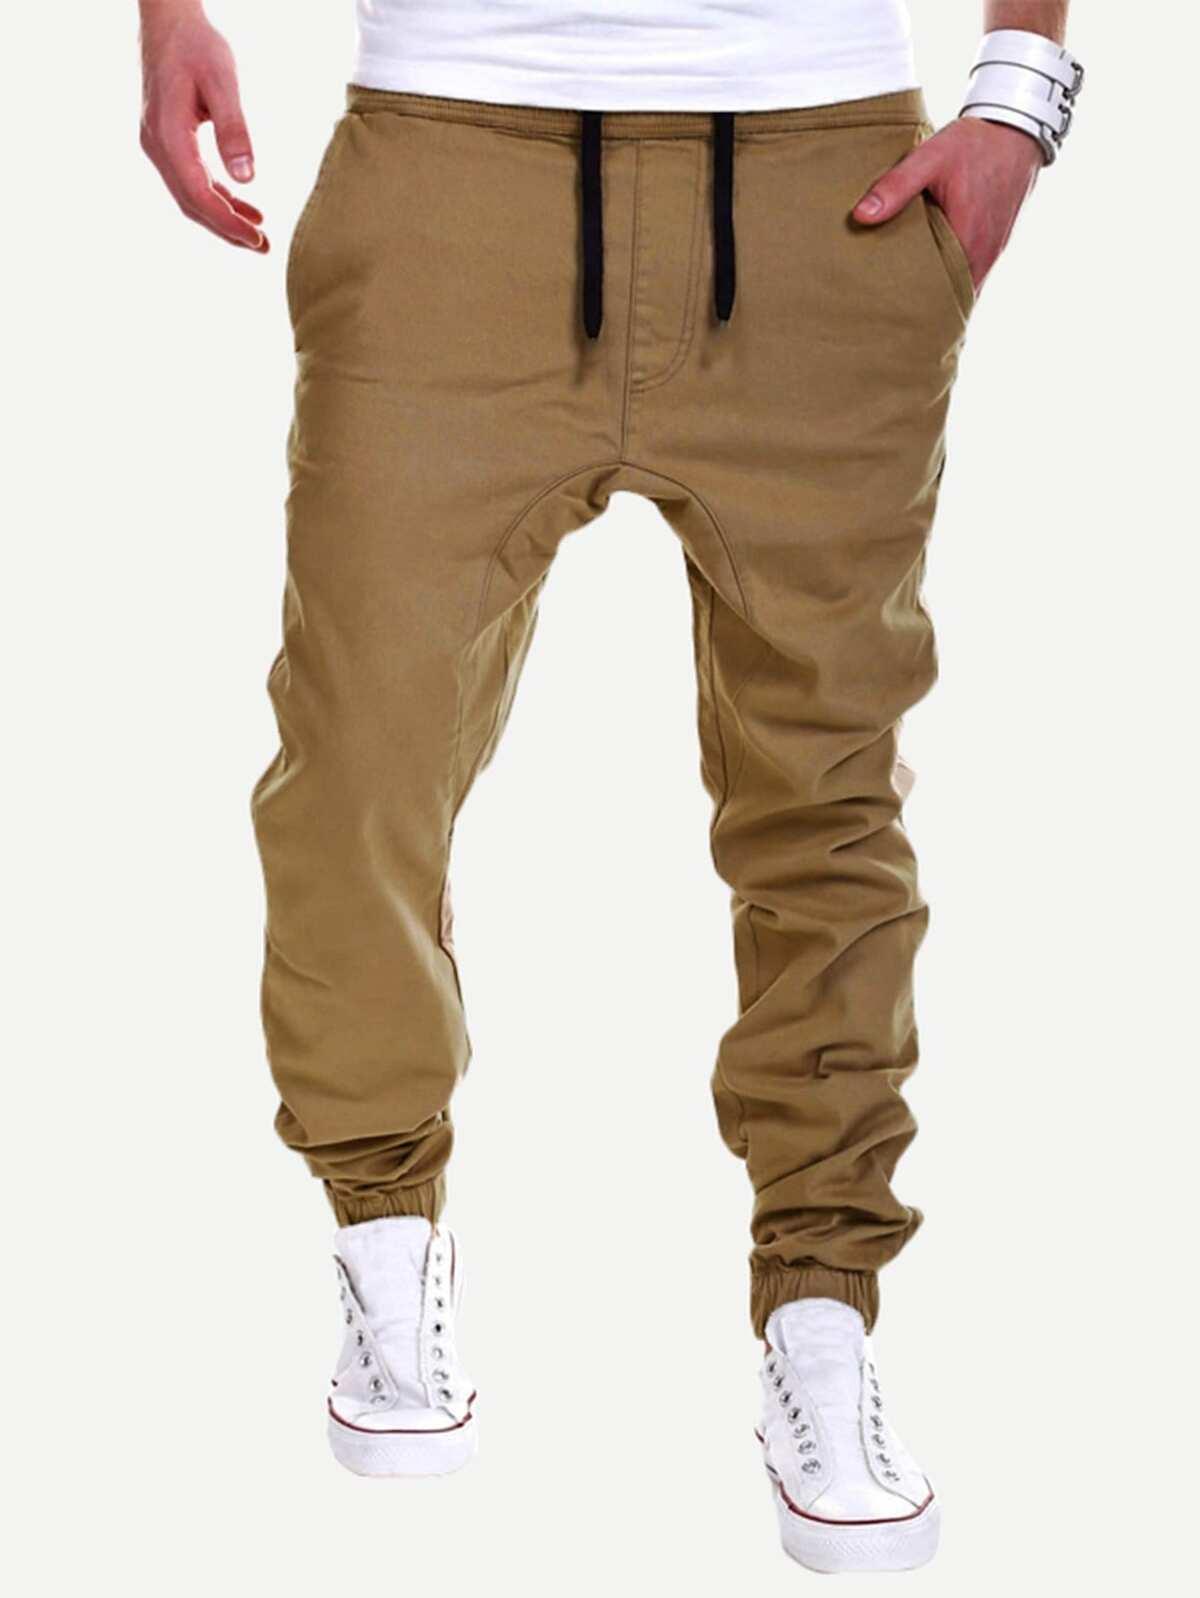 男人 單色 束帶 褲